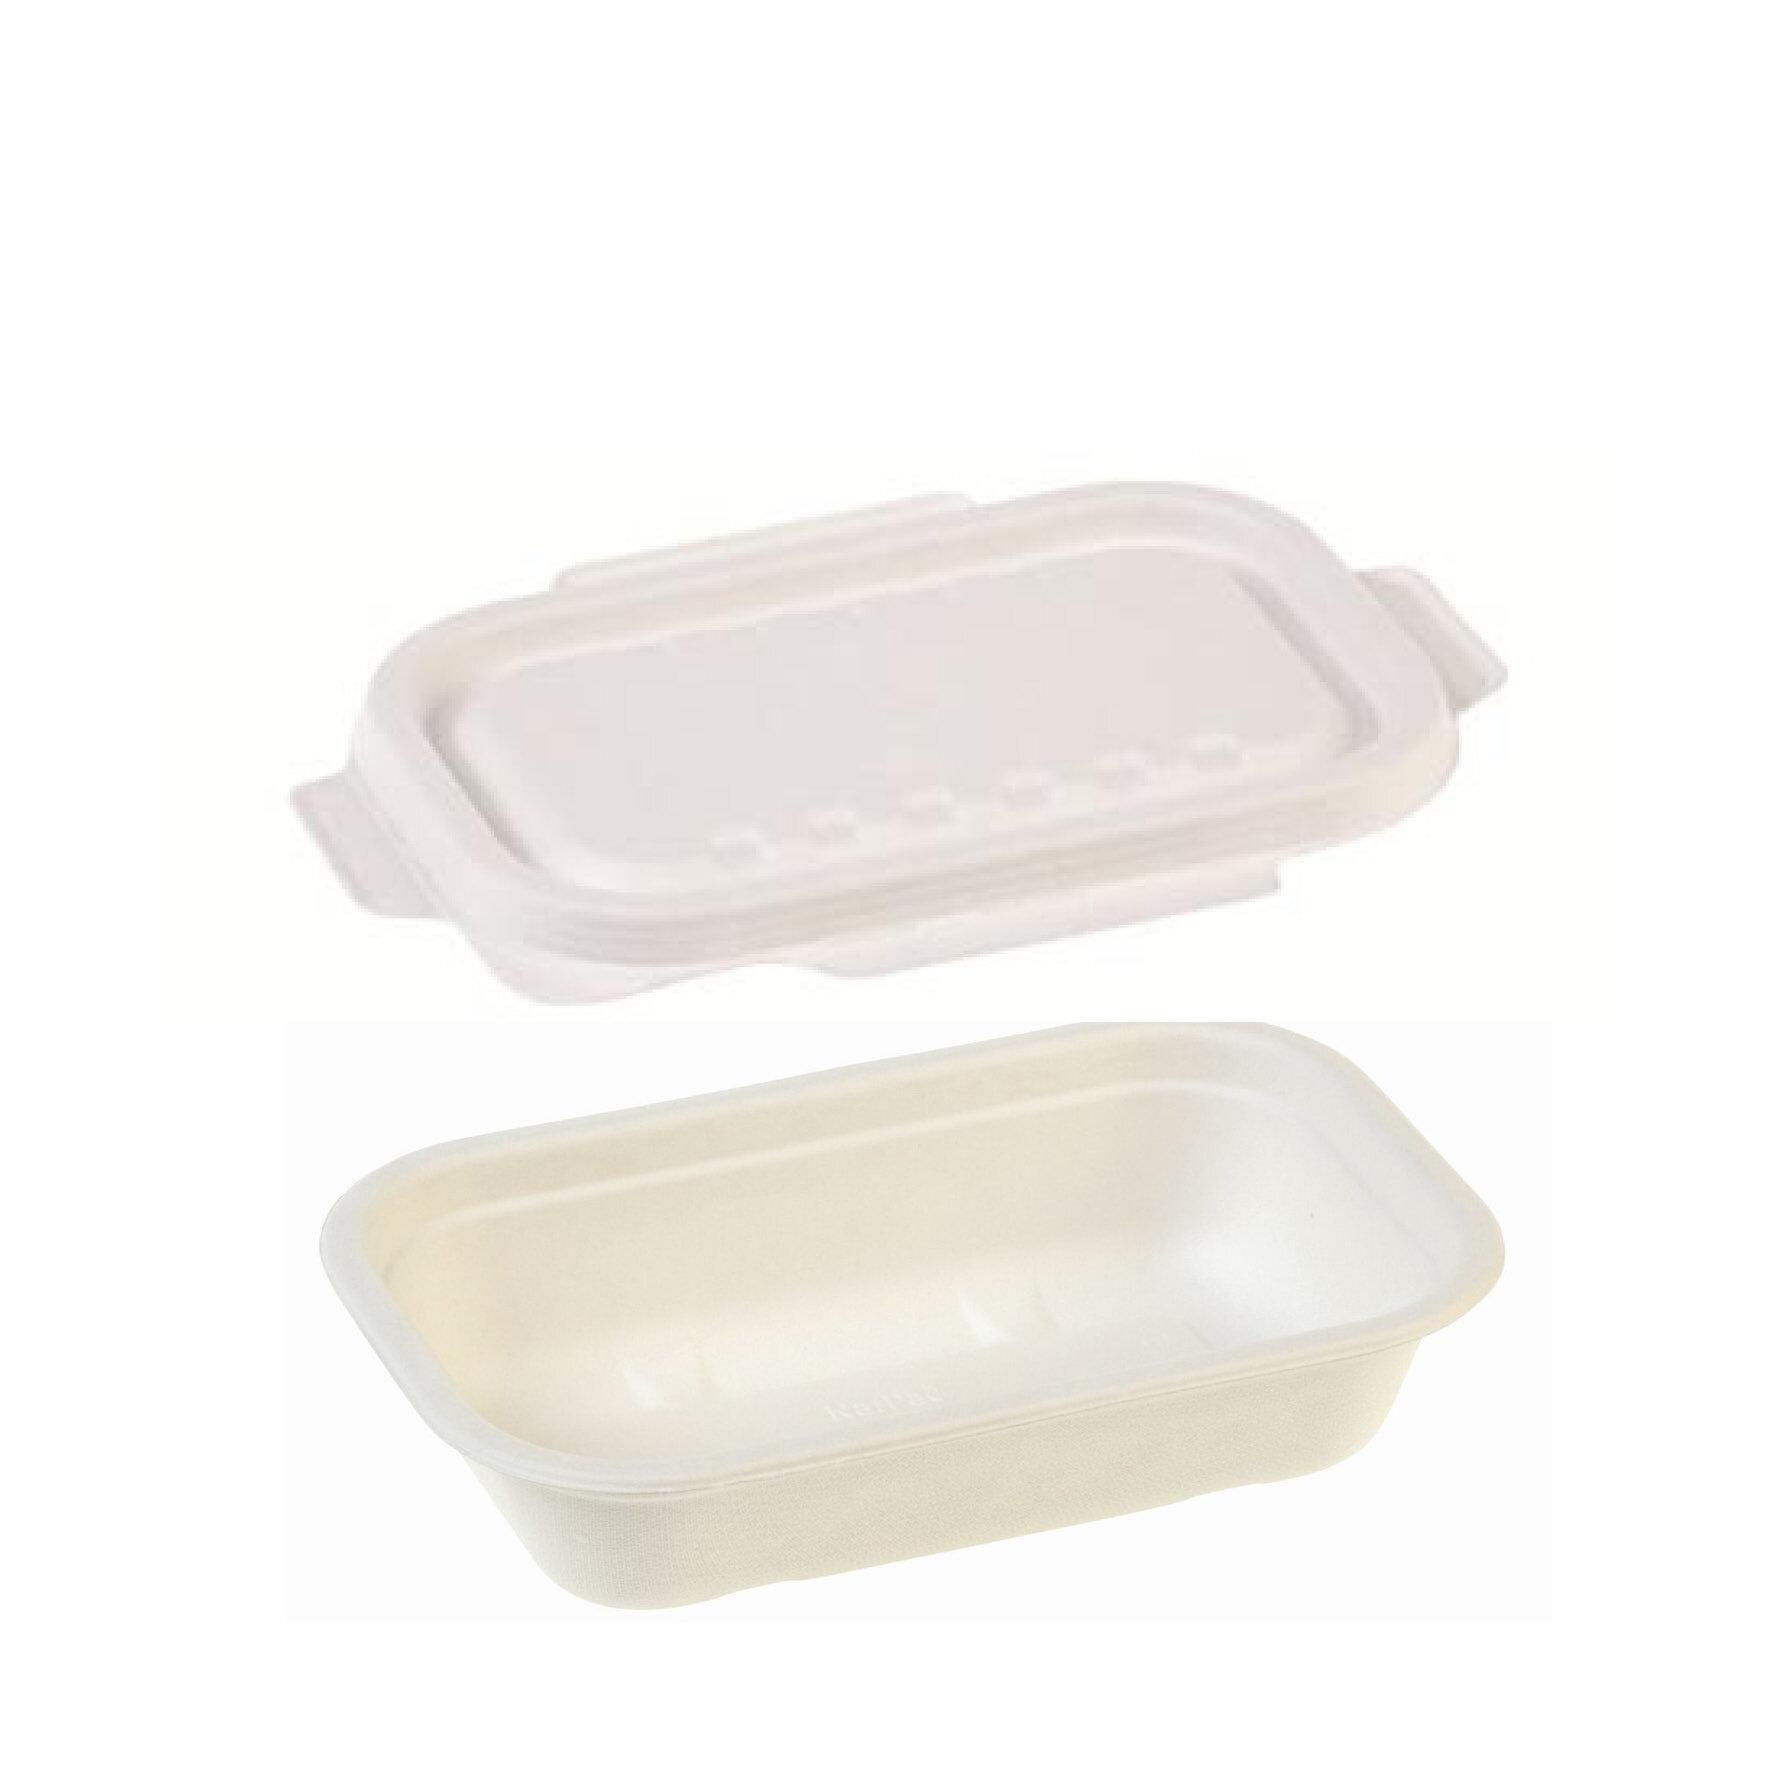 WEBAseal  Siegelschale aus Bagasse mit PBAT-Innenbeschichtung    flüssigkeitsdicht versiegelbar, tiefkühlgeeignet bis -18°C, geeignet für Heißabfüllung bis 85°C, industriell kompostierbar